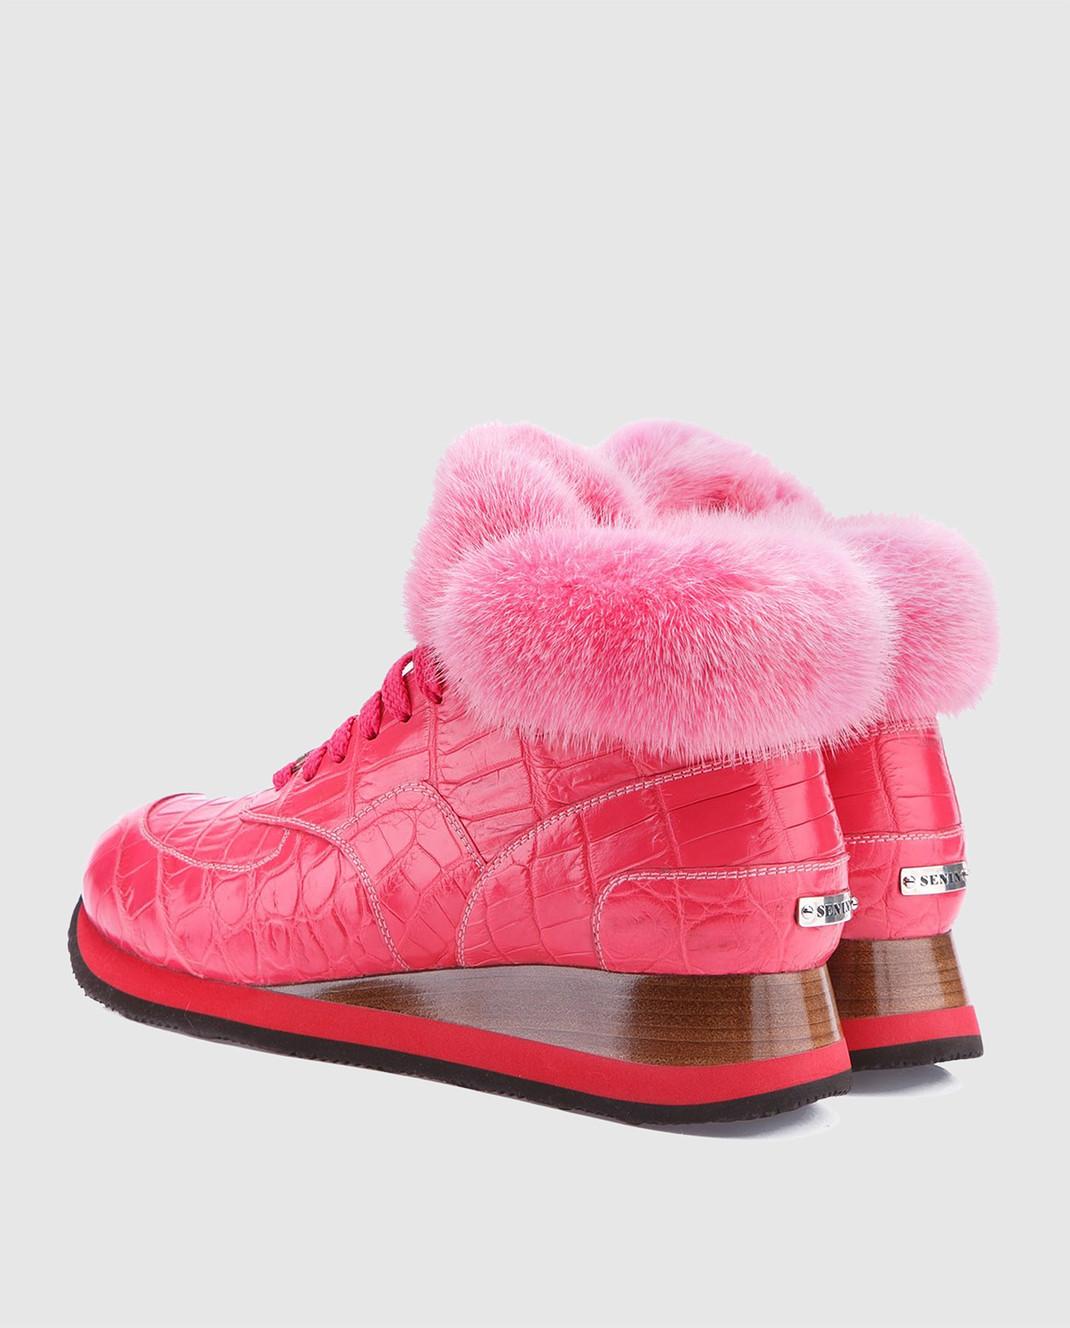 IGOR SENIN Розовые кроссовки ручной работы из кожи крокодила CROCO изображение 3